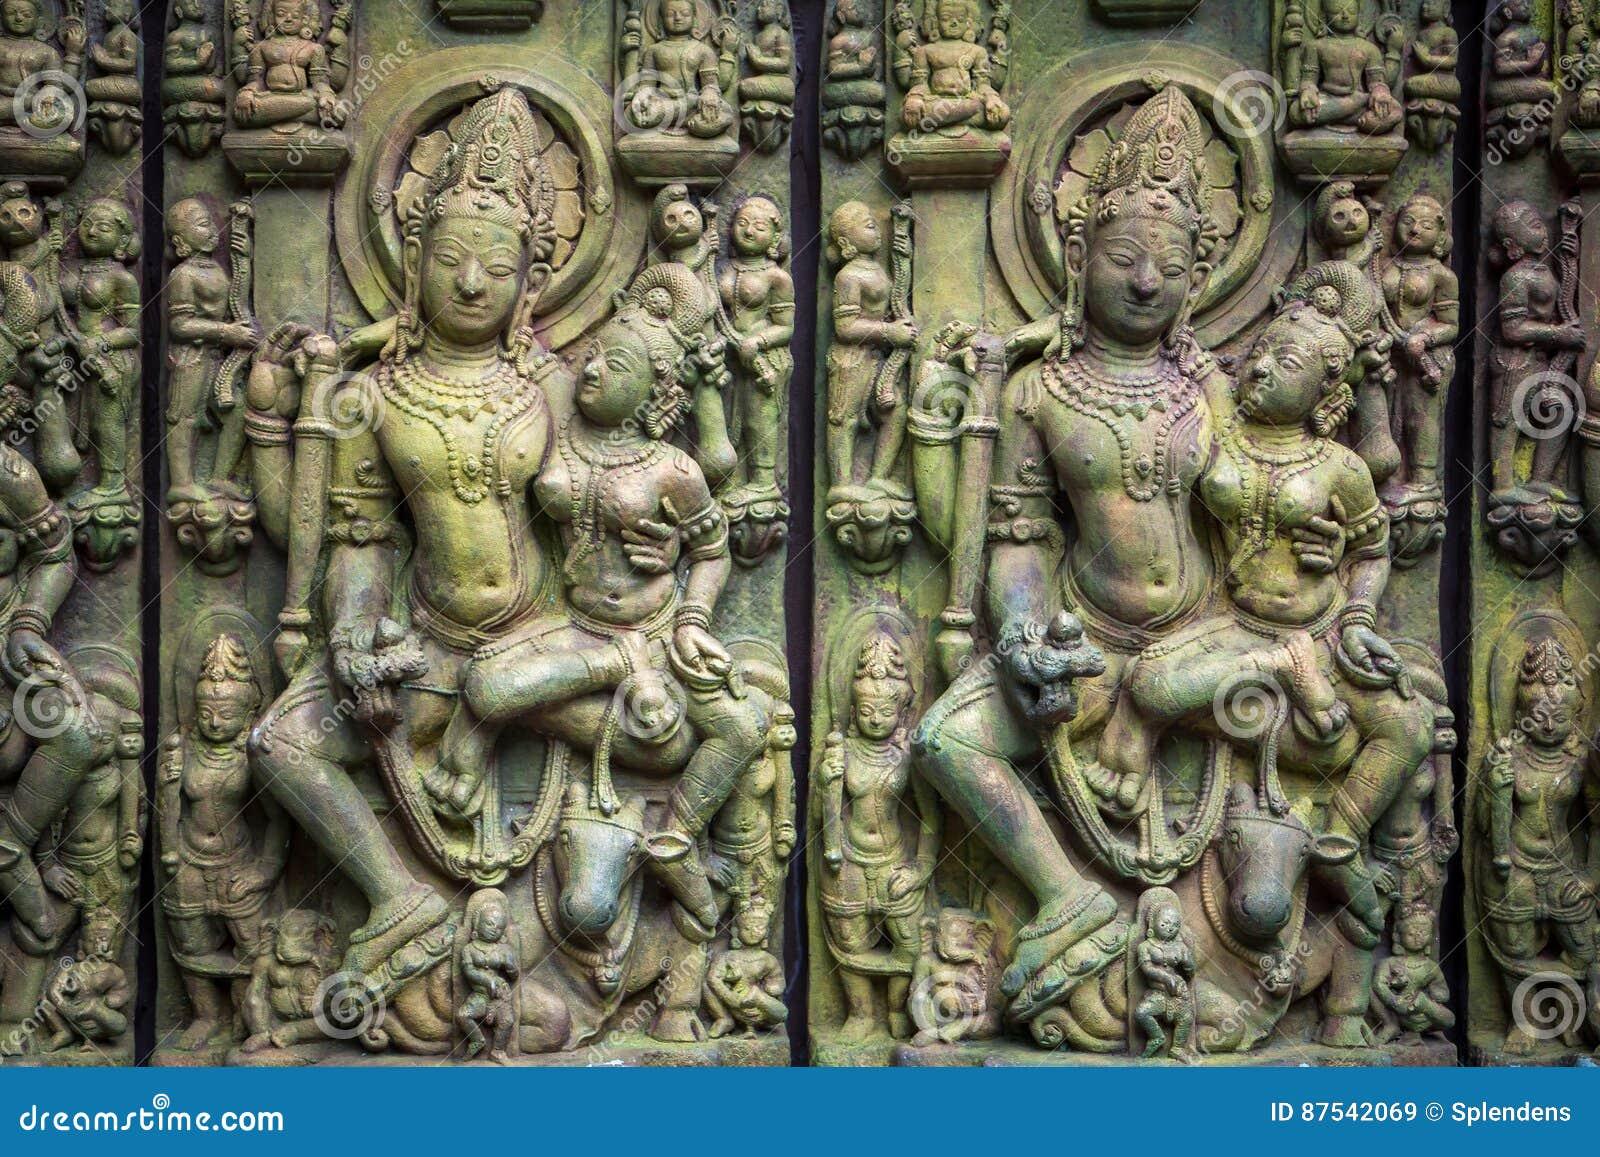 Traditionellt asiatiskt snida för sten av buddismgudar som illustrerar asiatisk kultur och asiatiskt snida, tillverkar